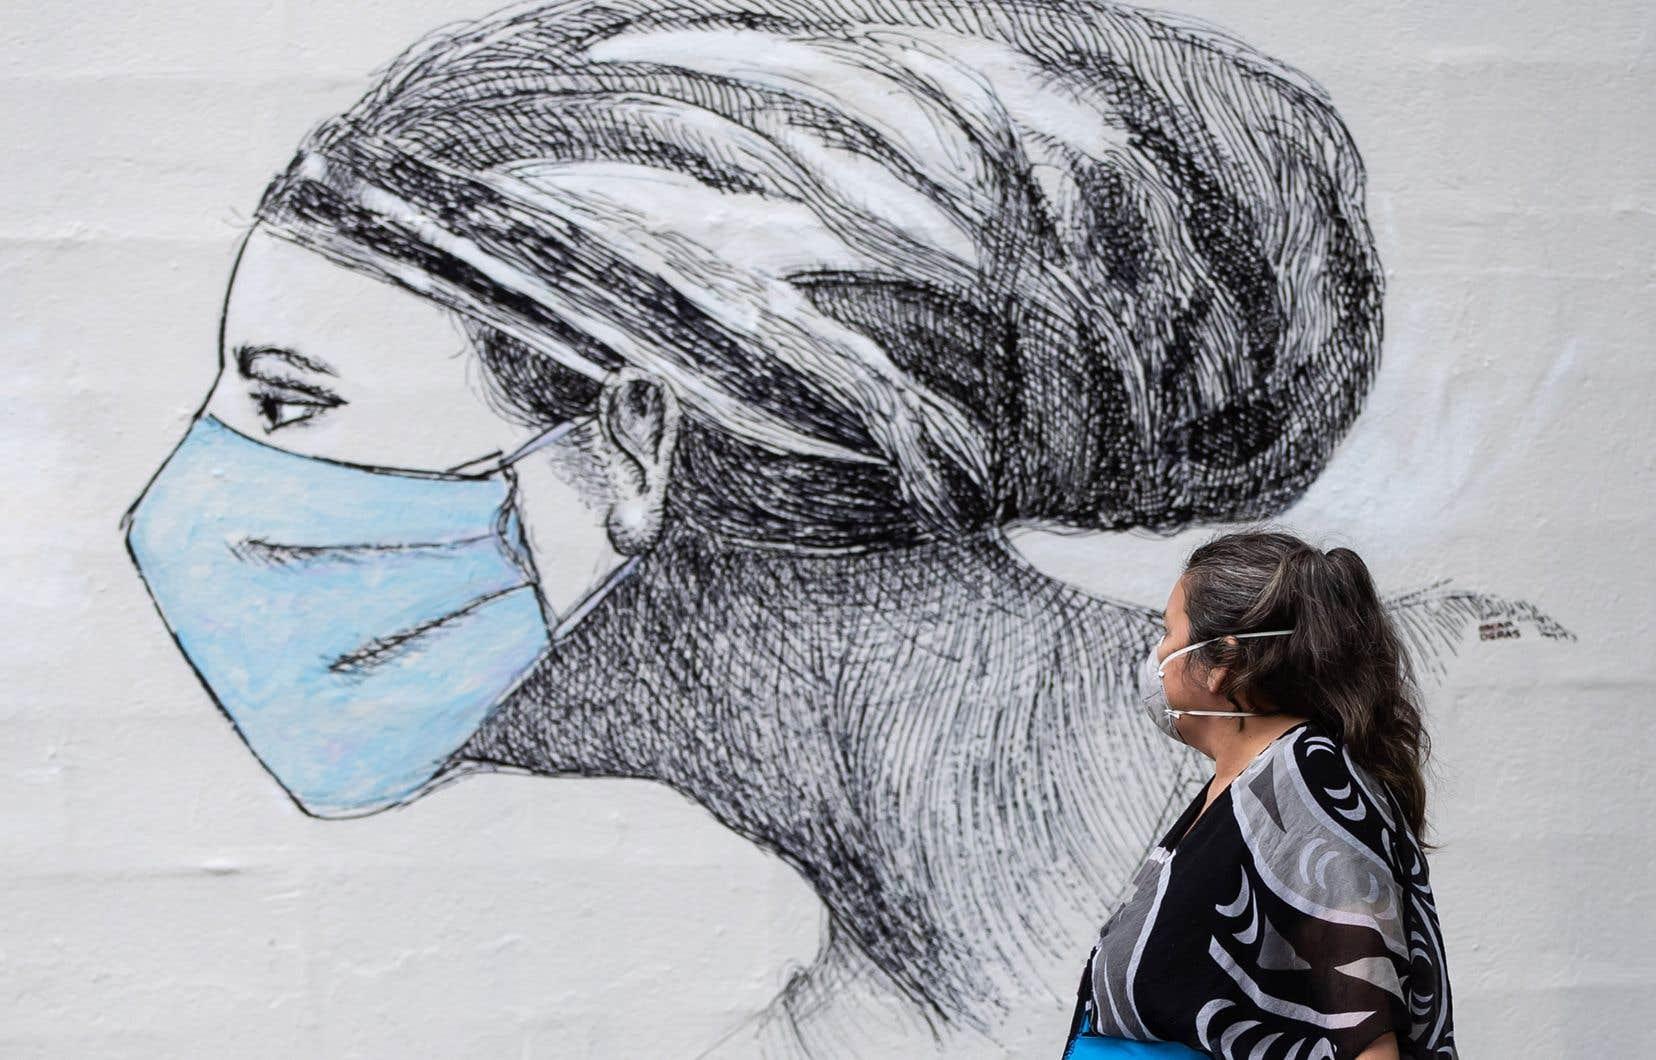 Dans les rues de Vancouver, le port du masque semble plus fréquent qu'à Montréal. Une grande proportion de piétons ne prennent pas la peine de retirer leur couvre-visage en sortant d'un lieu clos.